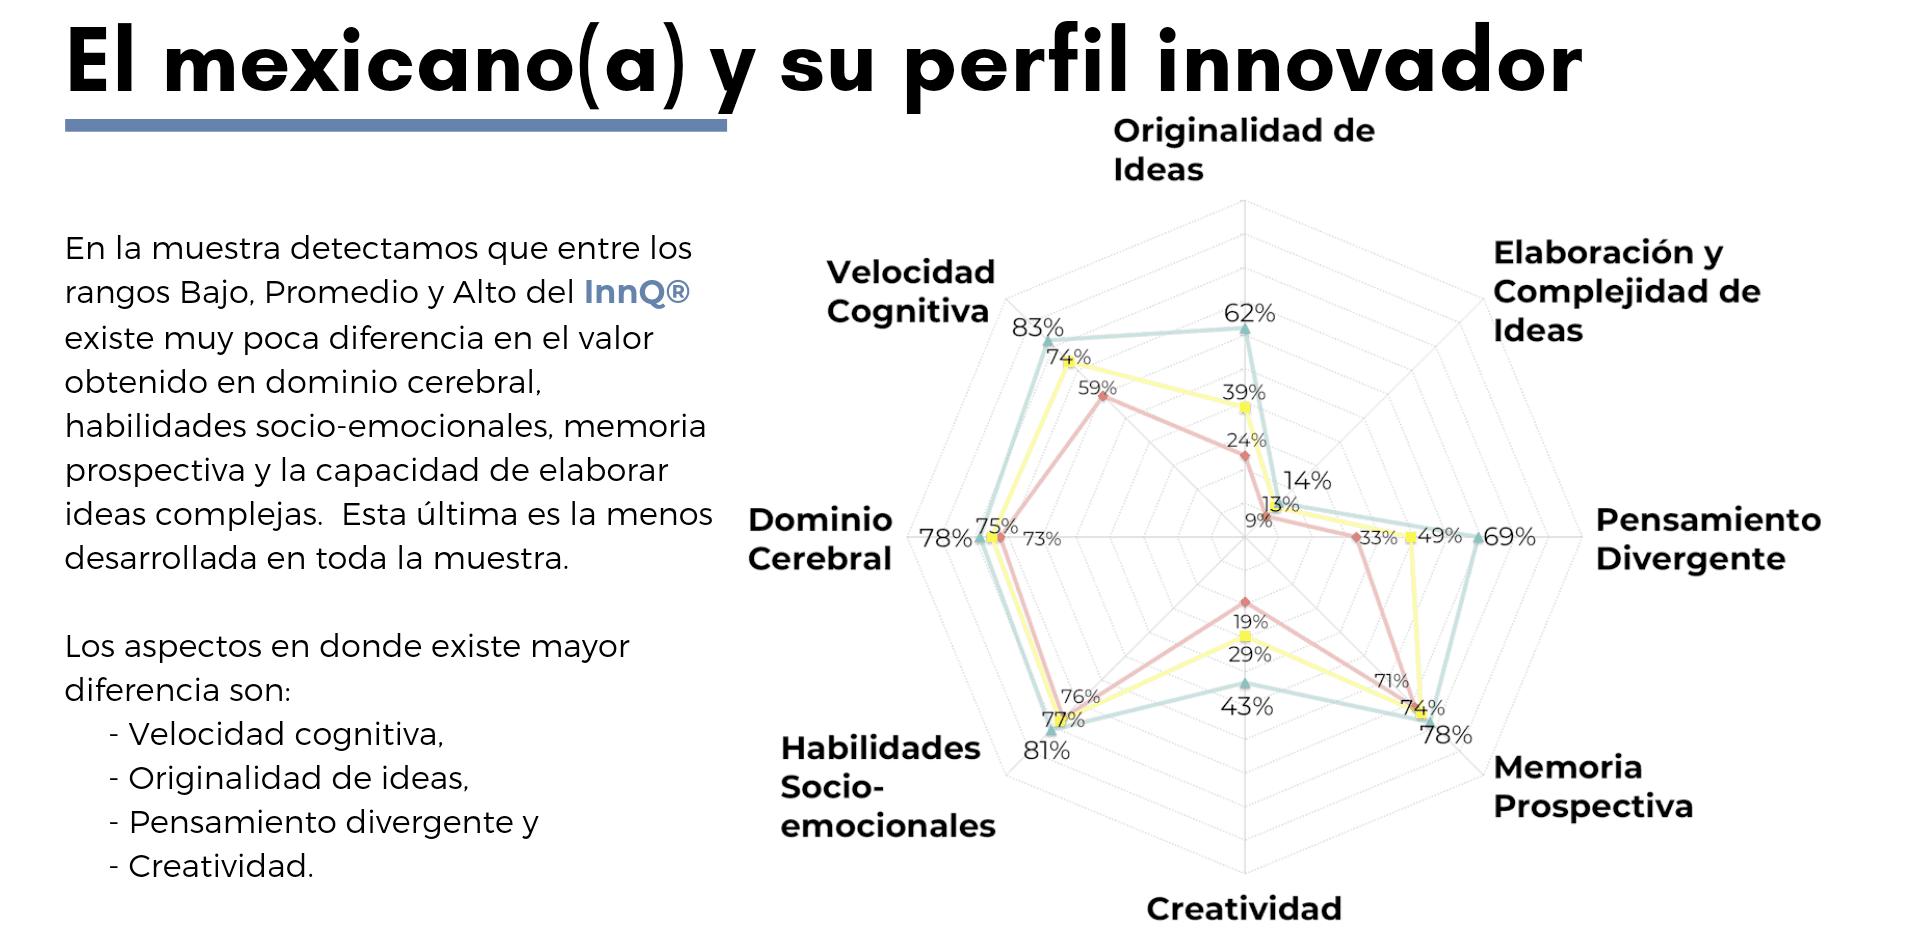 detalle del coeficiente de innovación del mexicano